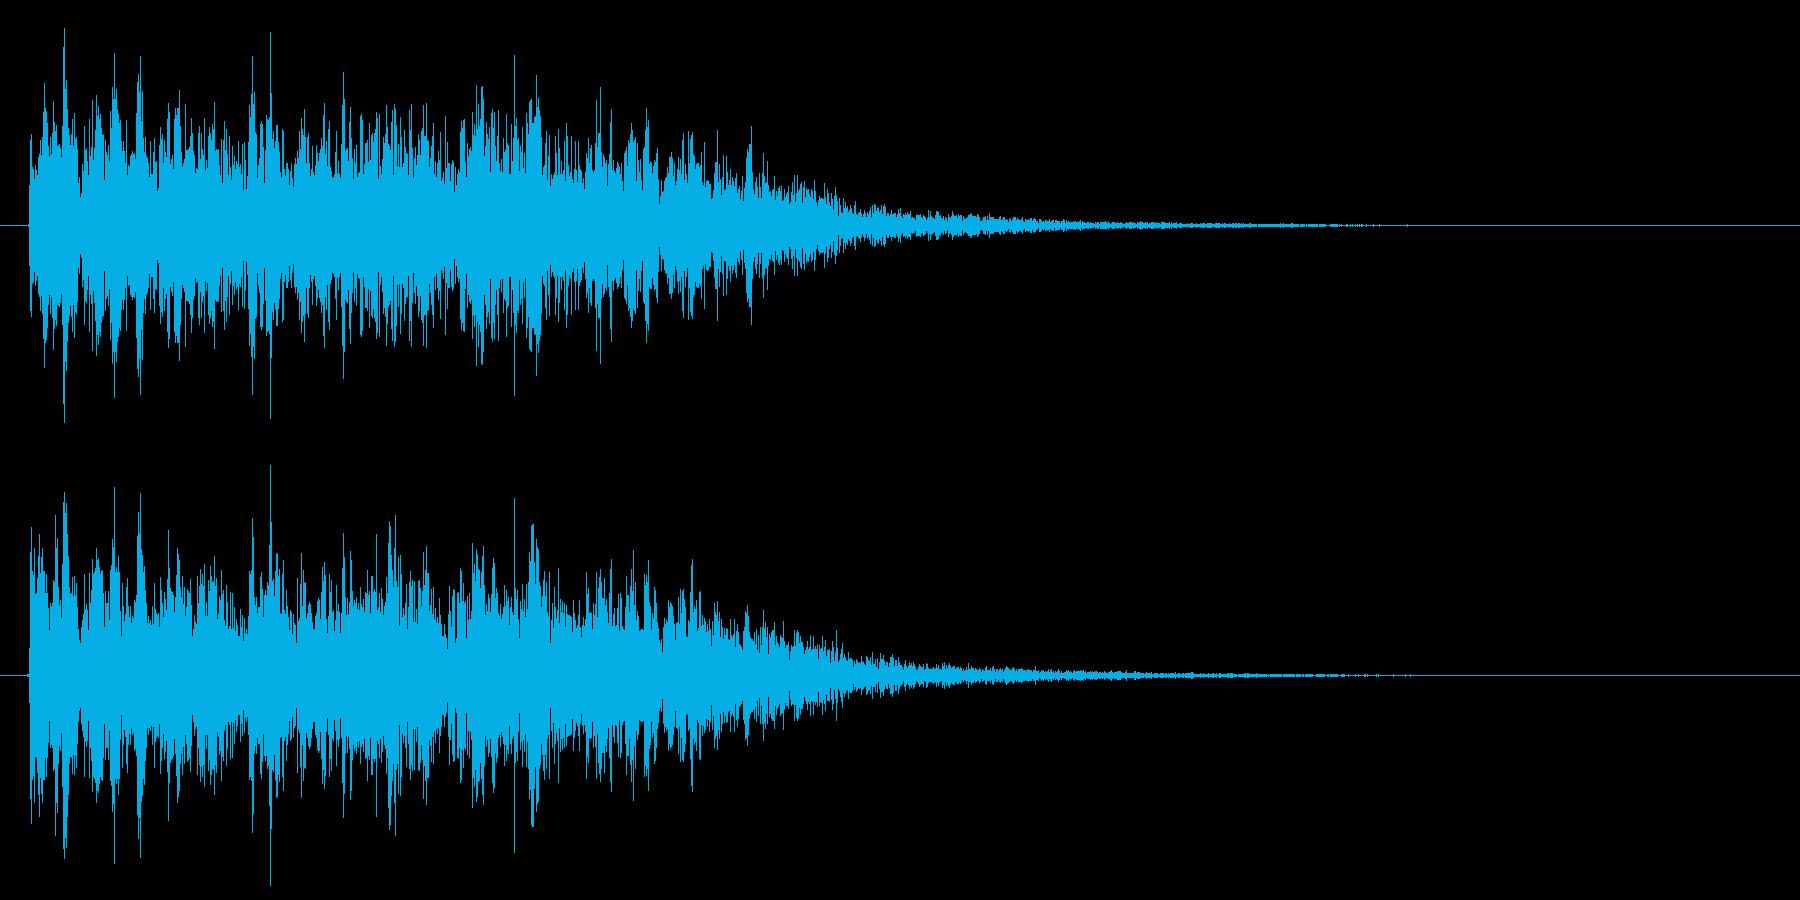 レーザービーム 光線銃 ピロピロ音の再生済みの波形